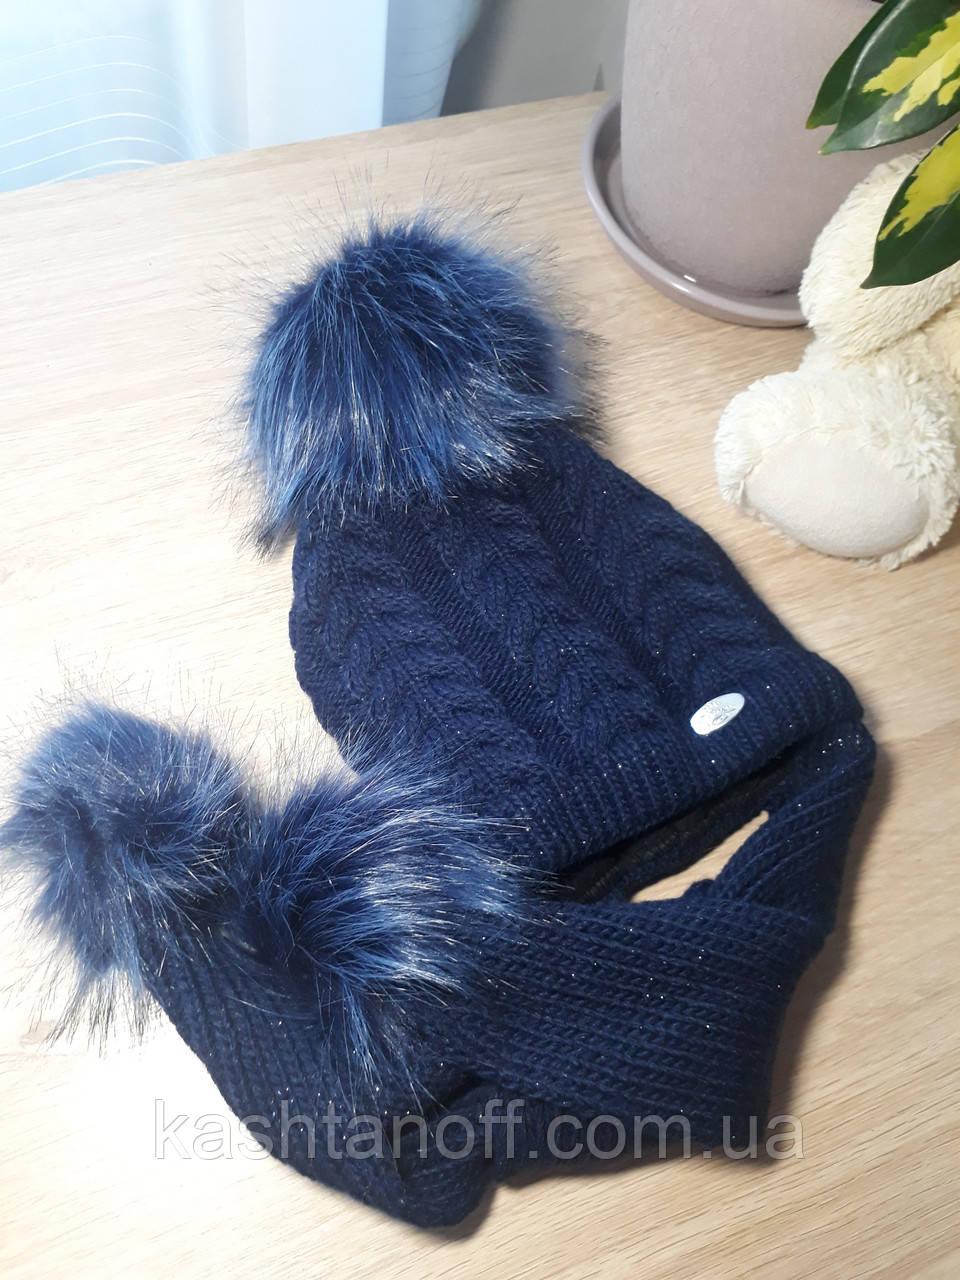 Шапка синего цвета с помпоном и шарфом